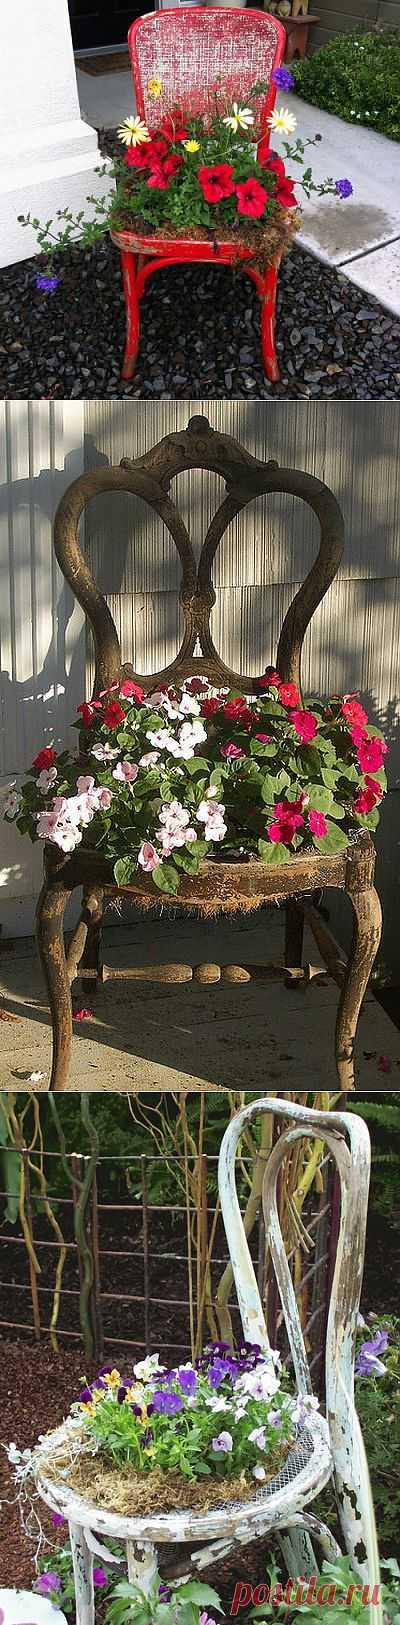 Красивые клумбы на даче из старых стульев — фото | My Milady